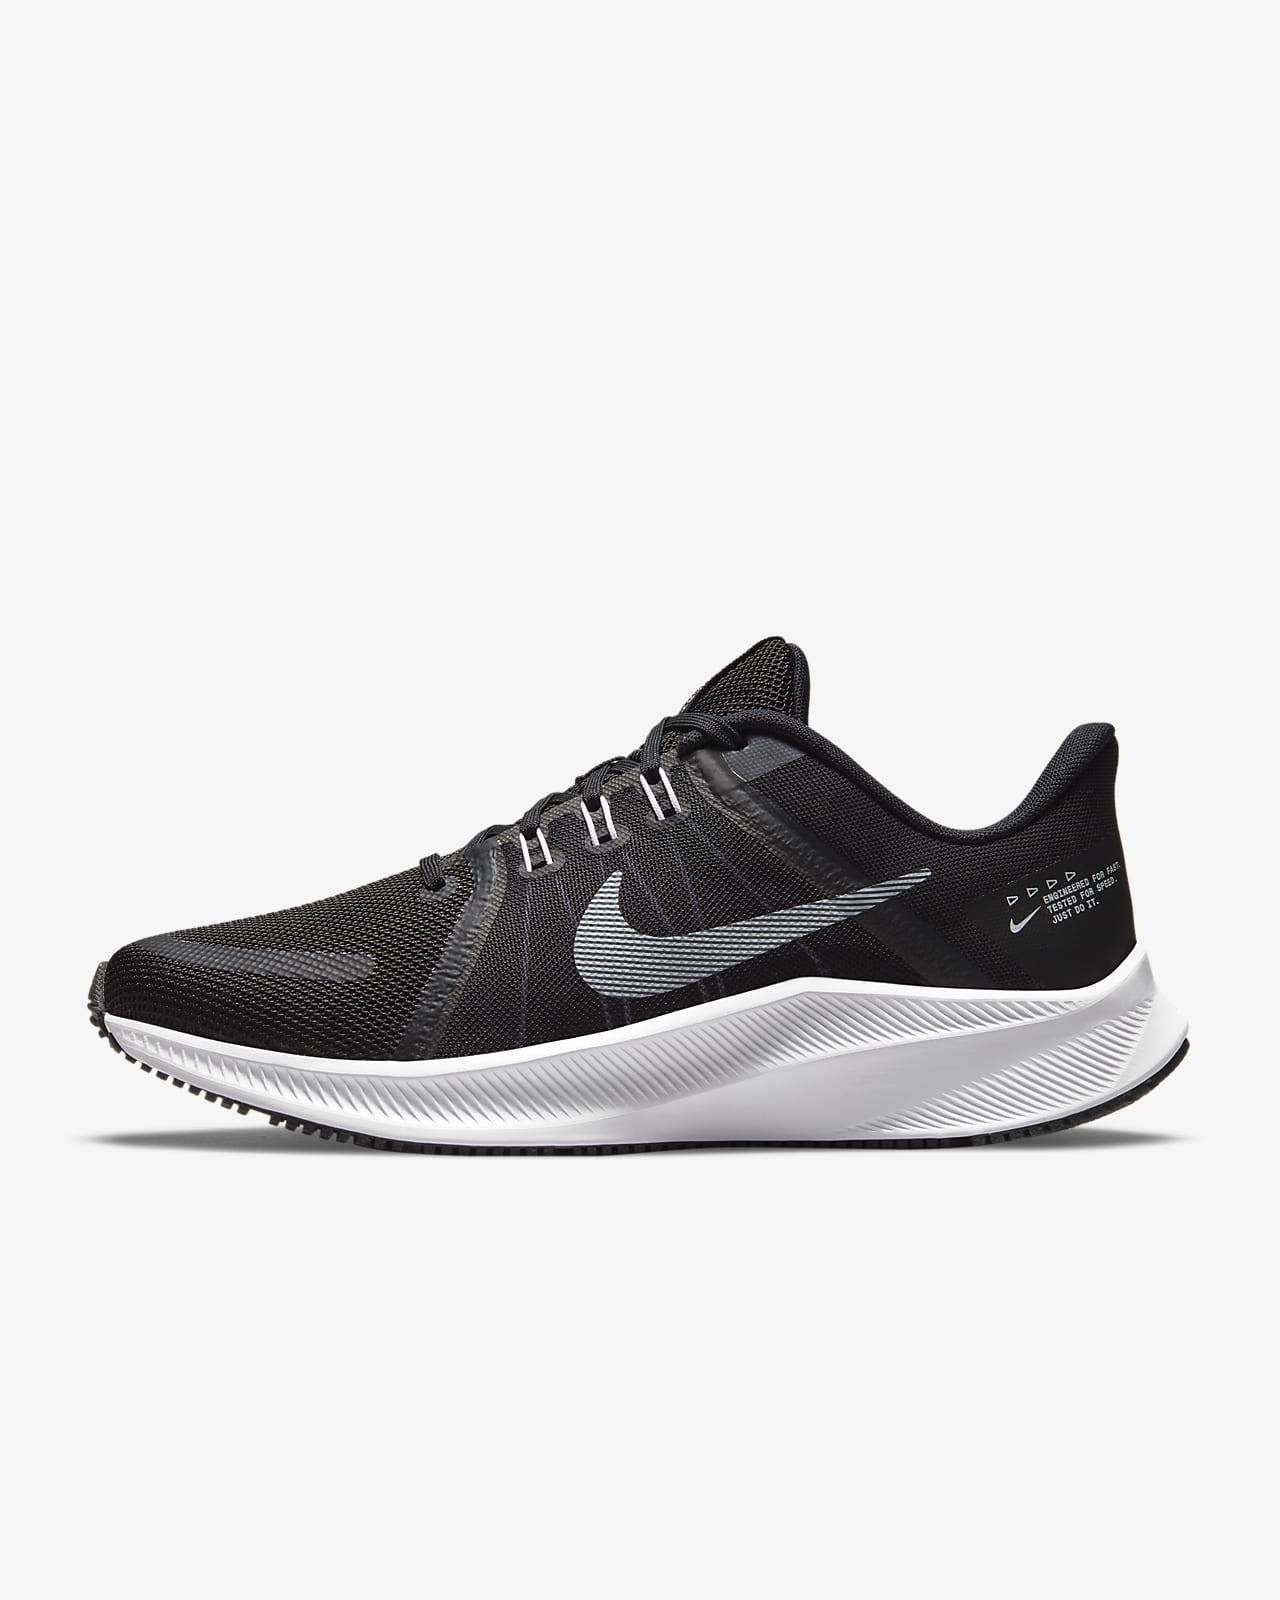 รองเท้าวิ่งโร้ดรันนิ่งผู้หญิง Nike Quest 4